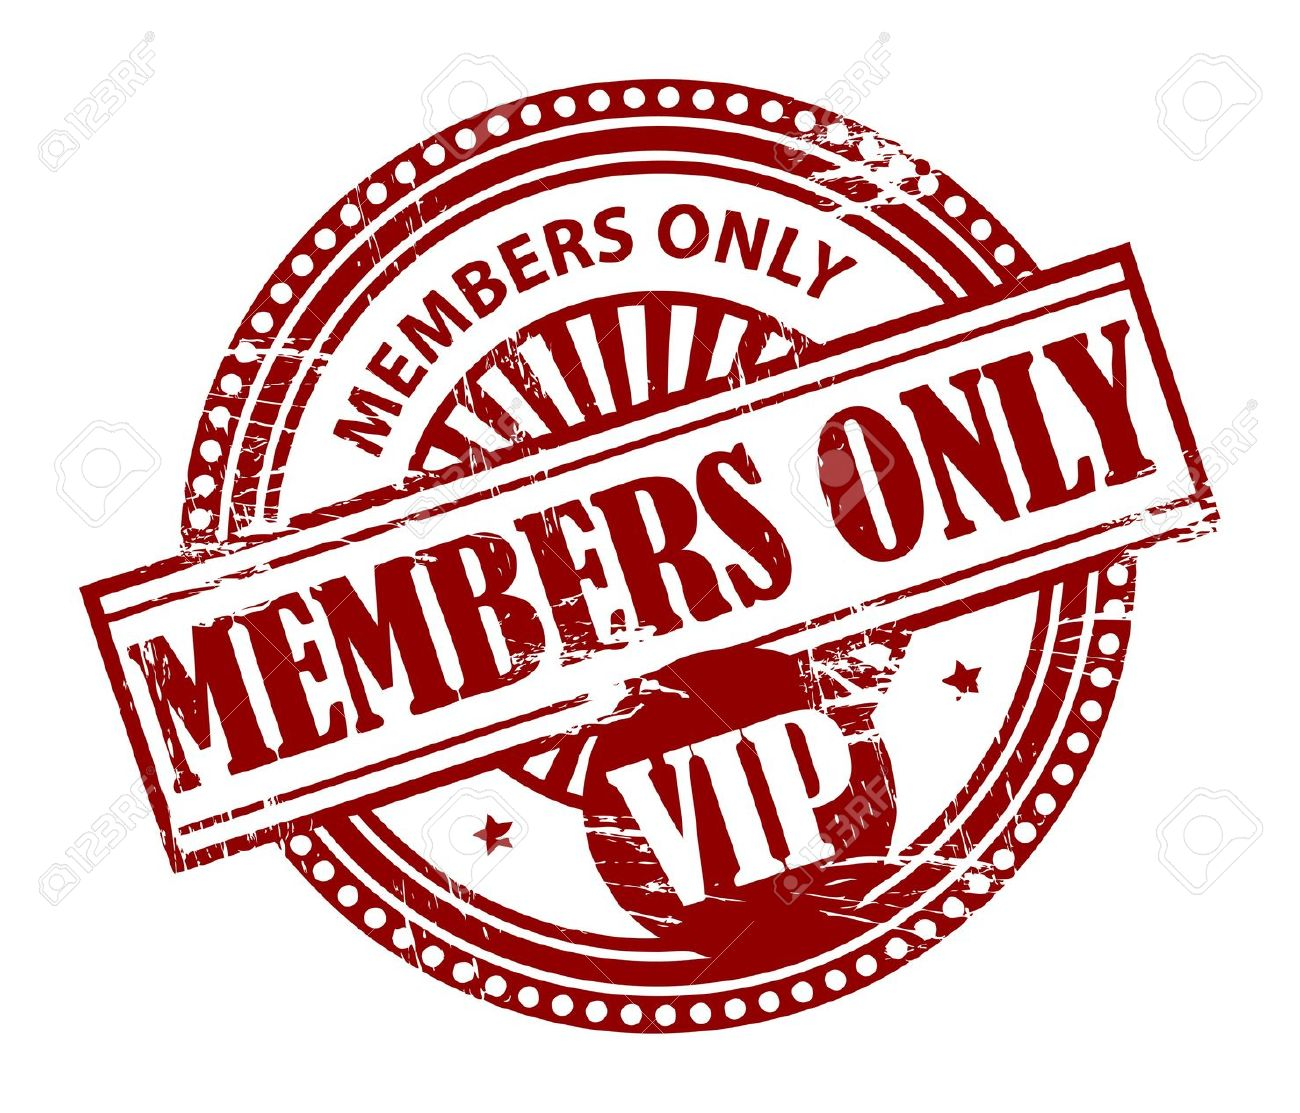 Membership Clipart.